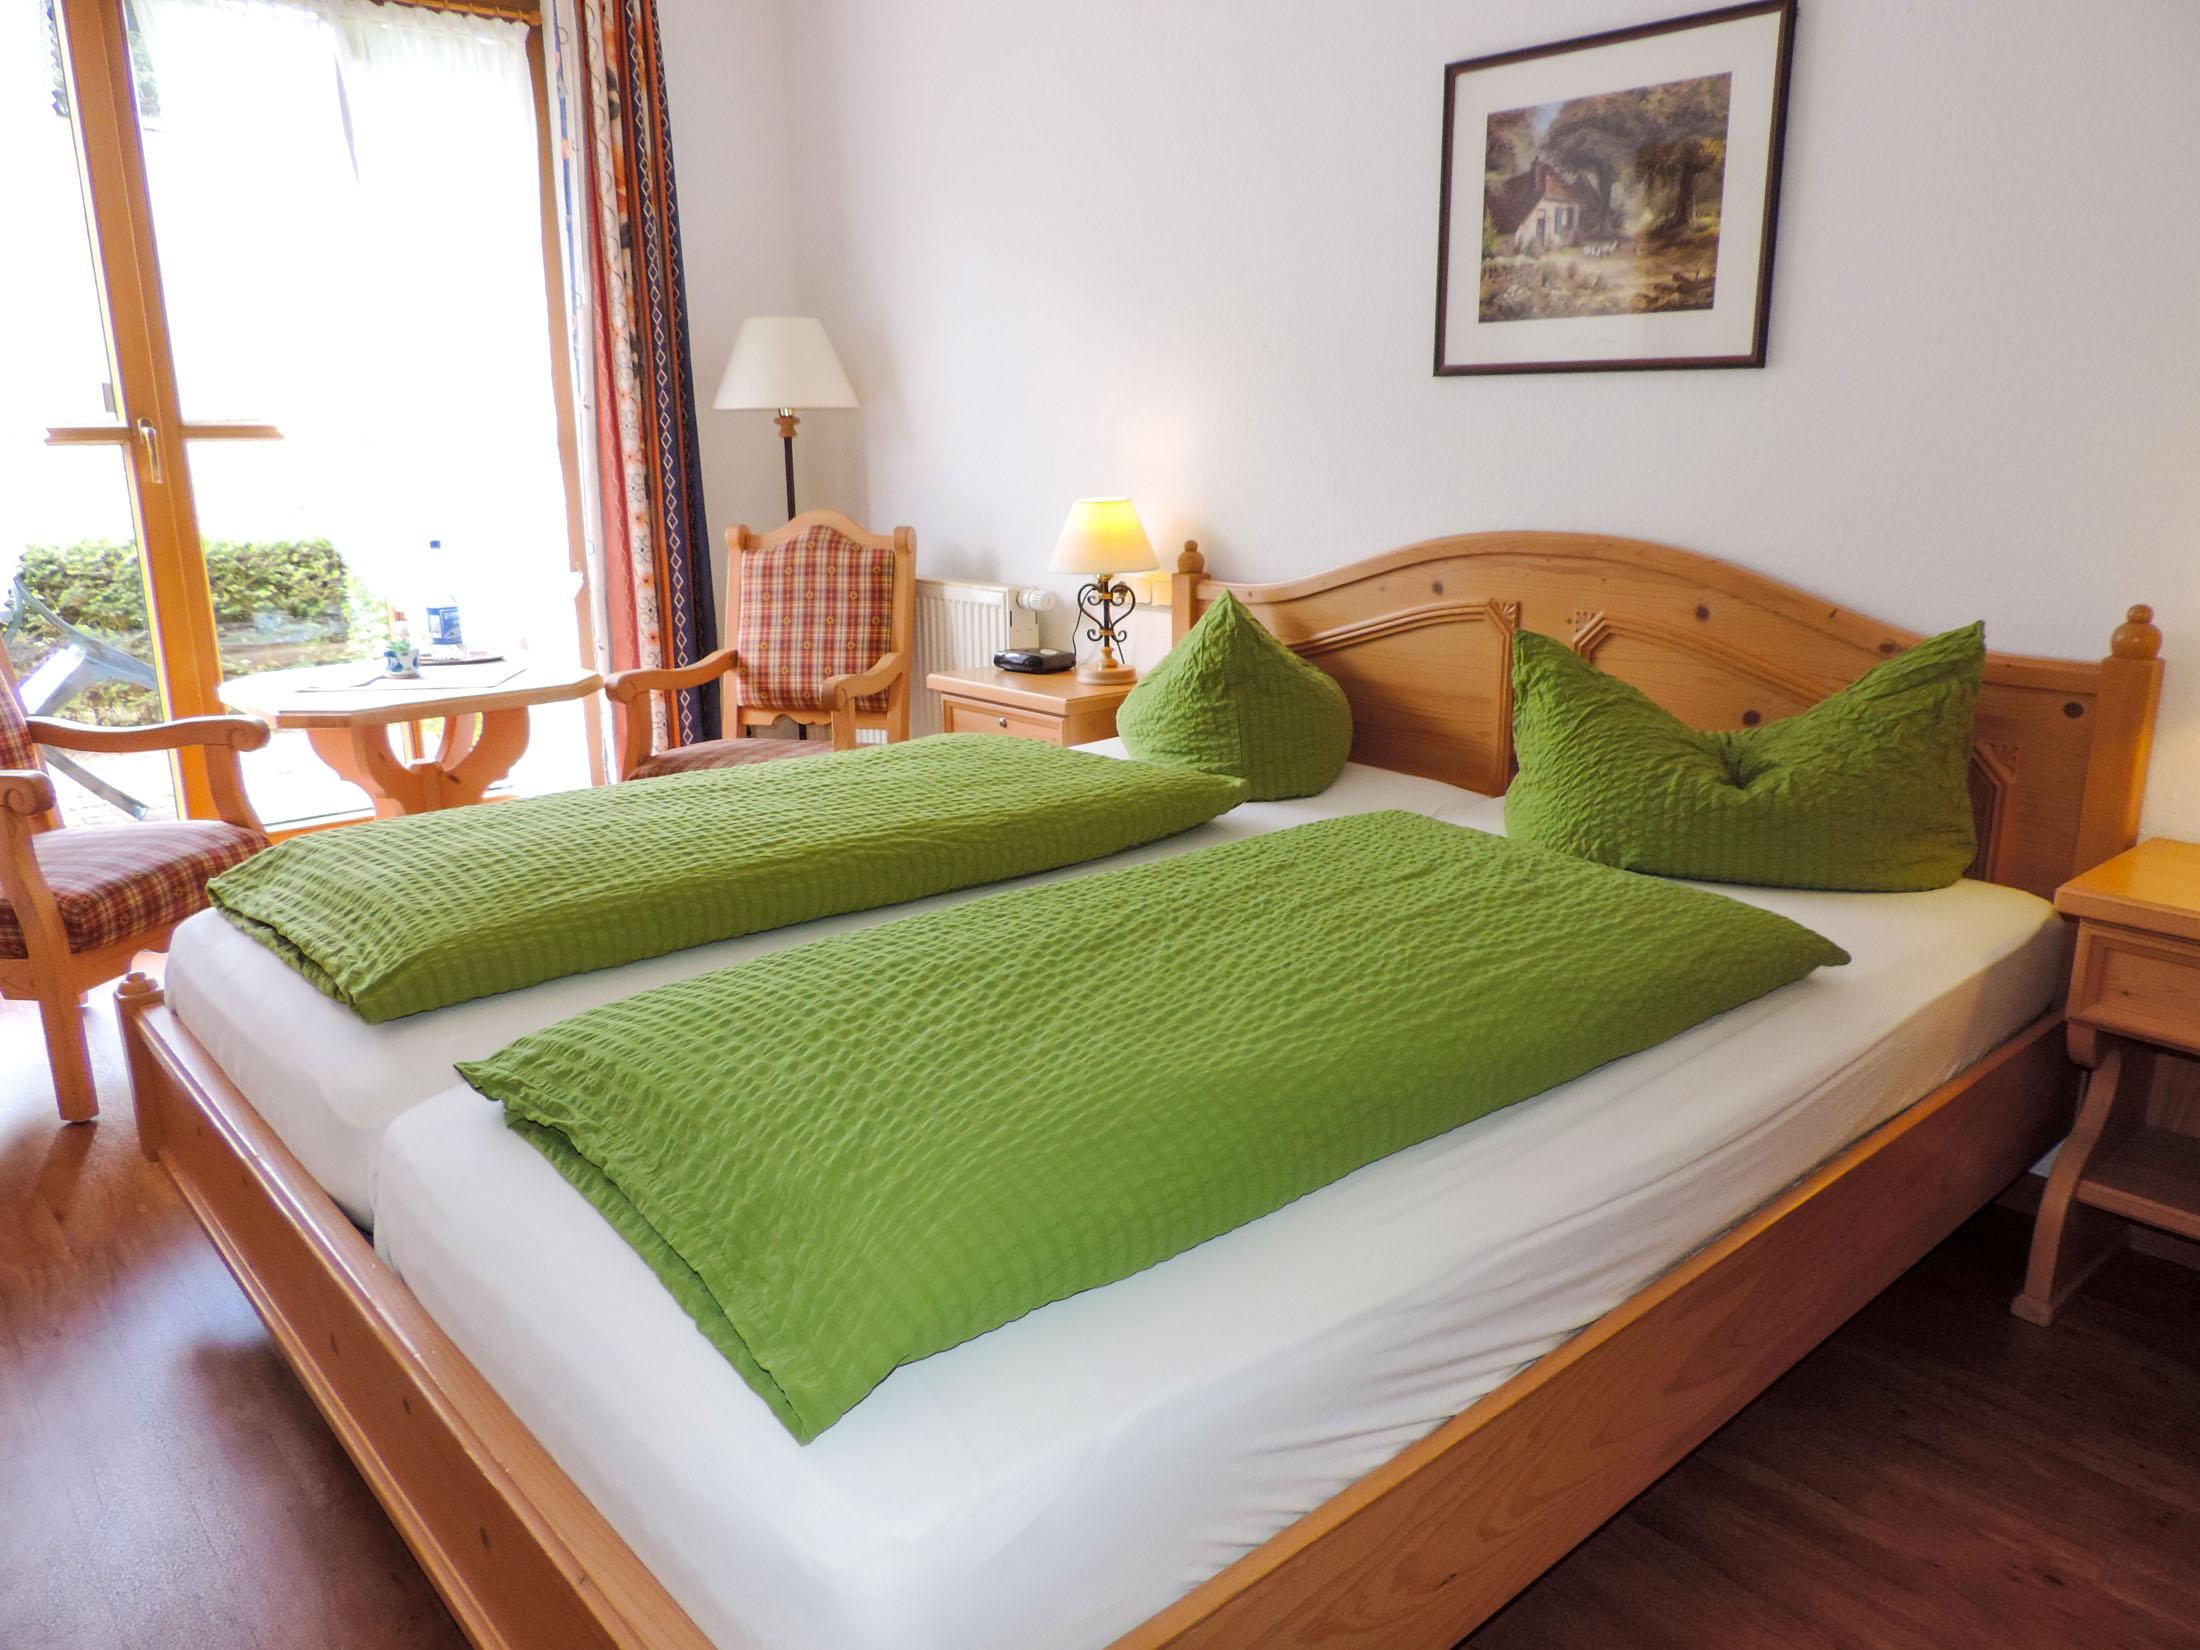 Doppelzimmer Hotel Zum Sonnenhof